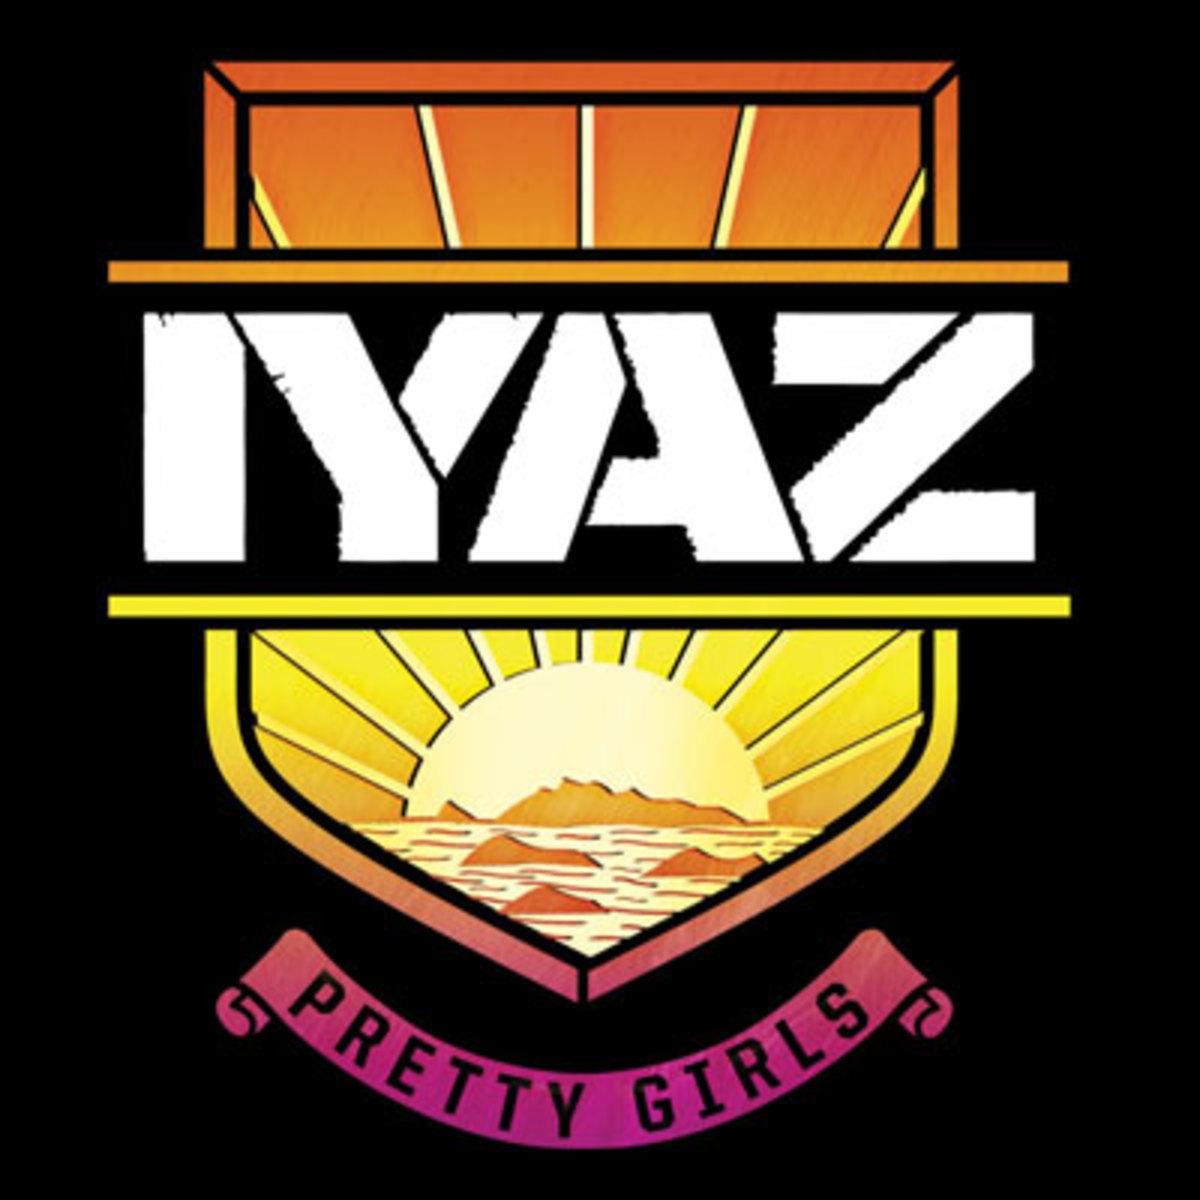 iyaz-prettygirls.jpg